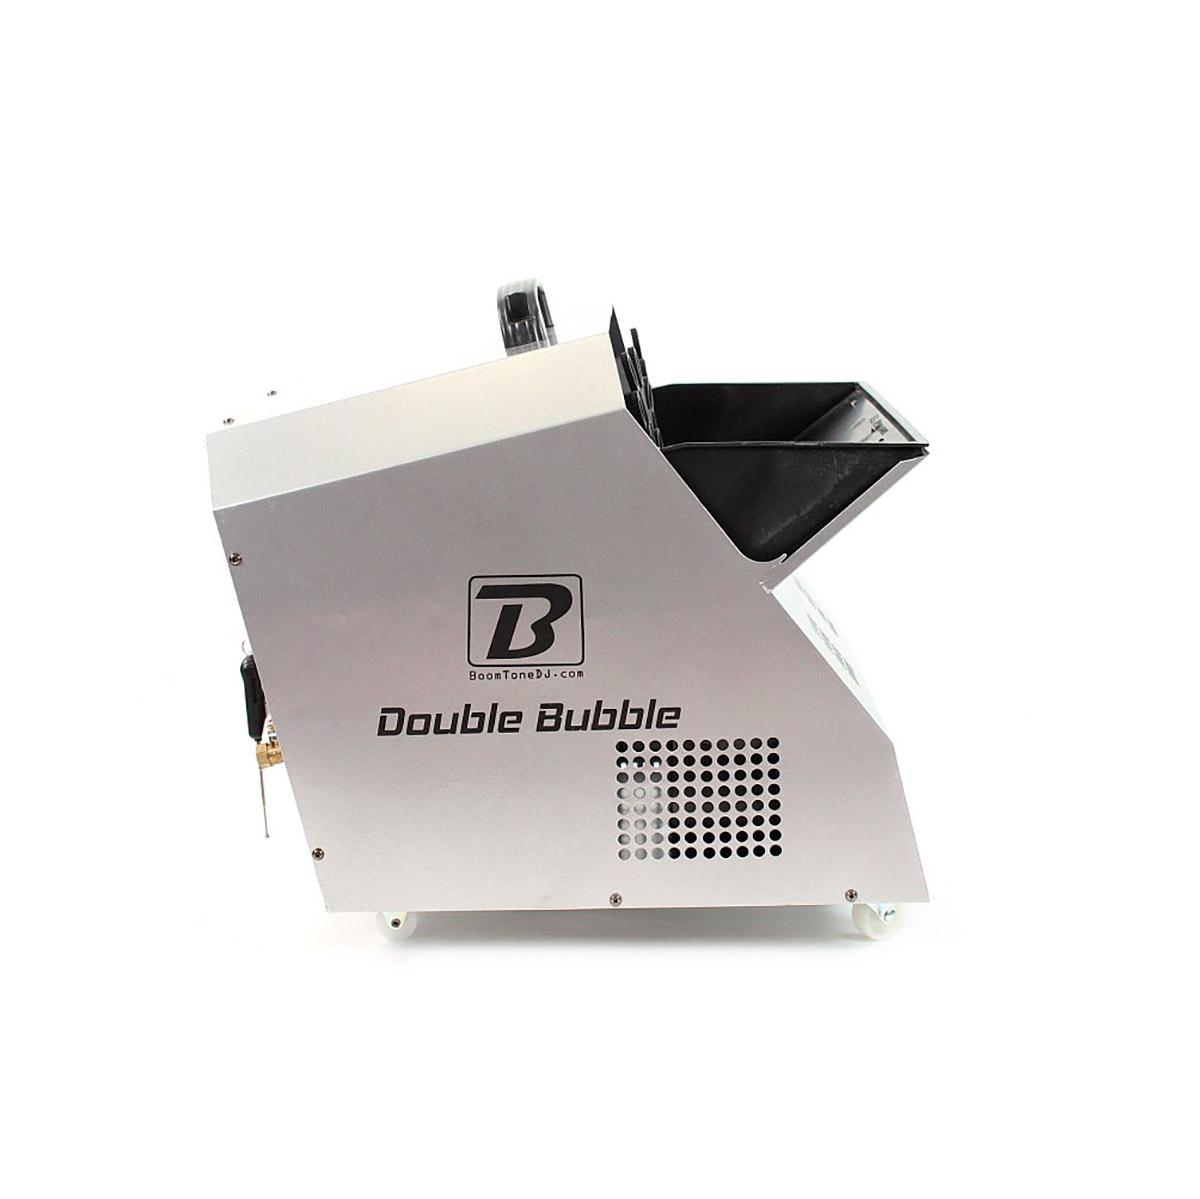 Double Bubble V2